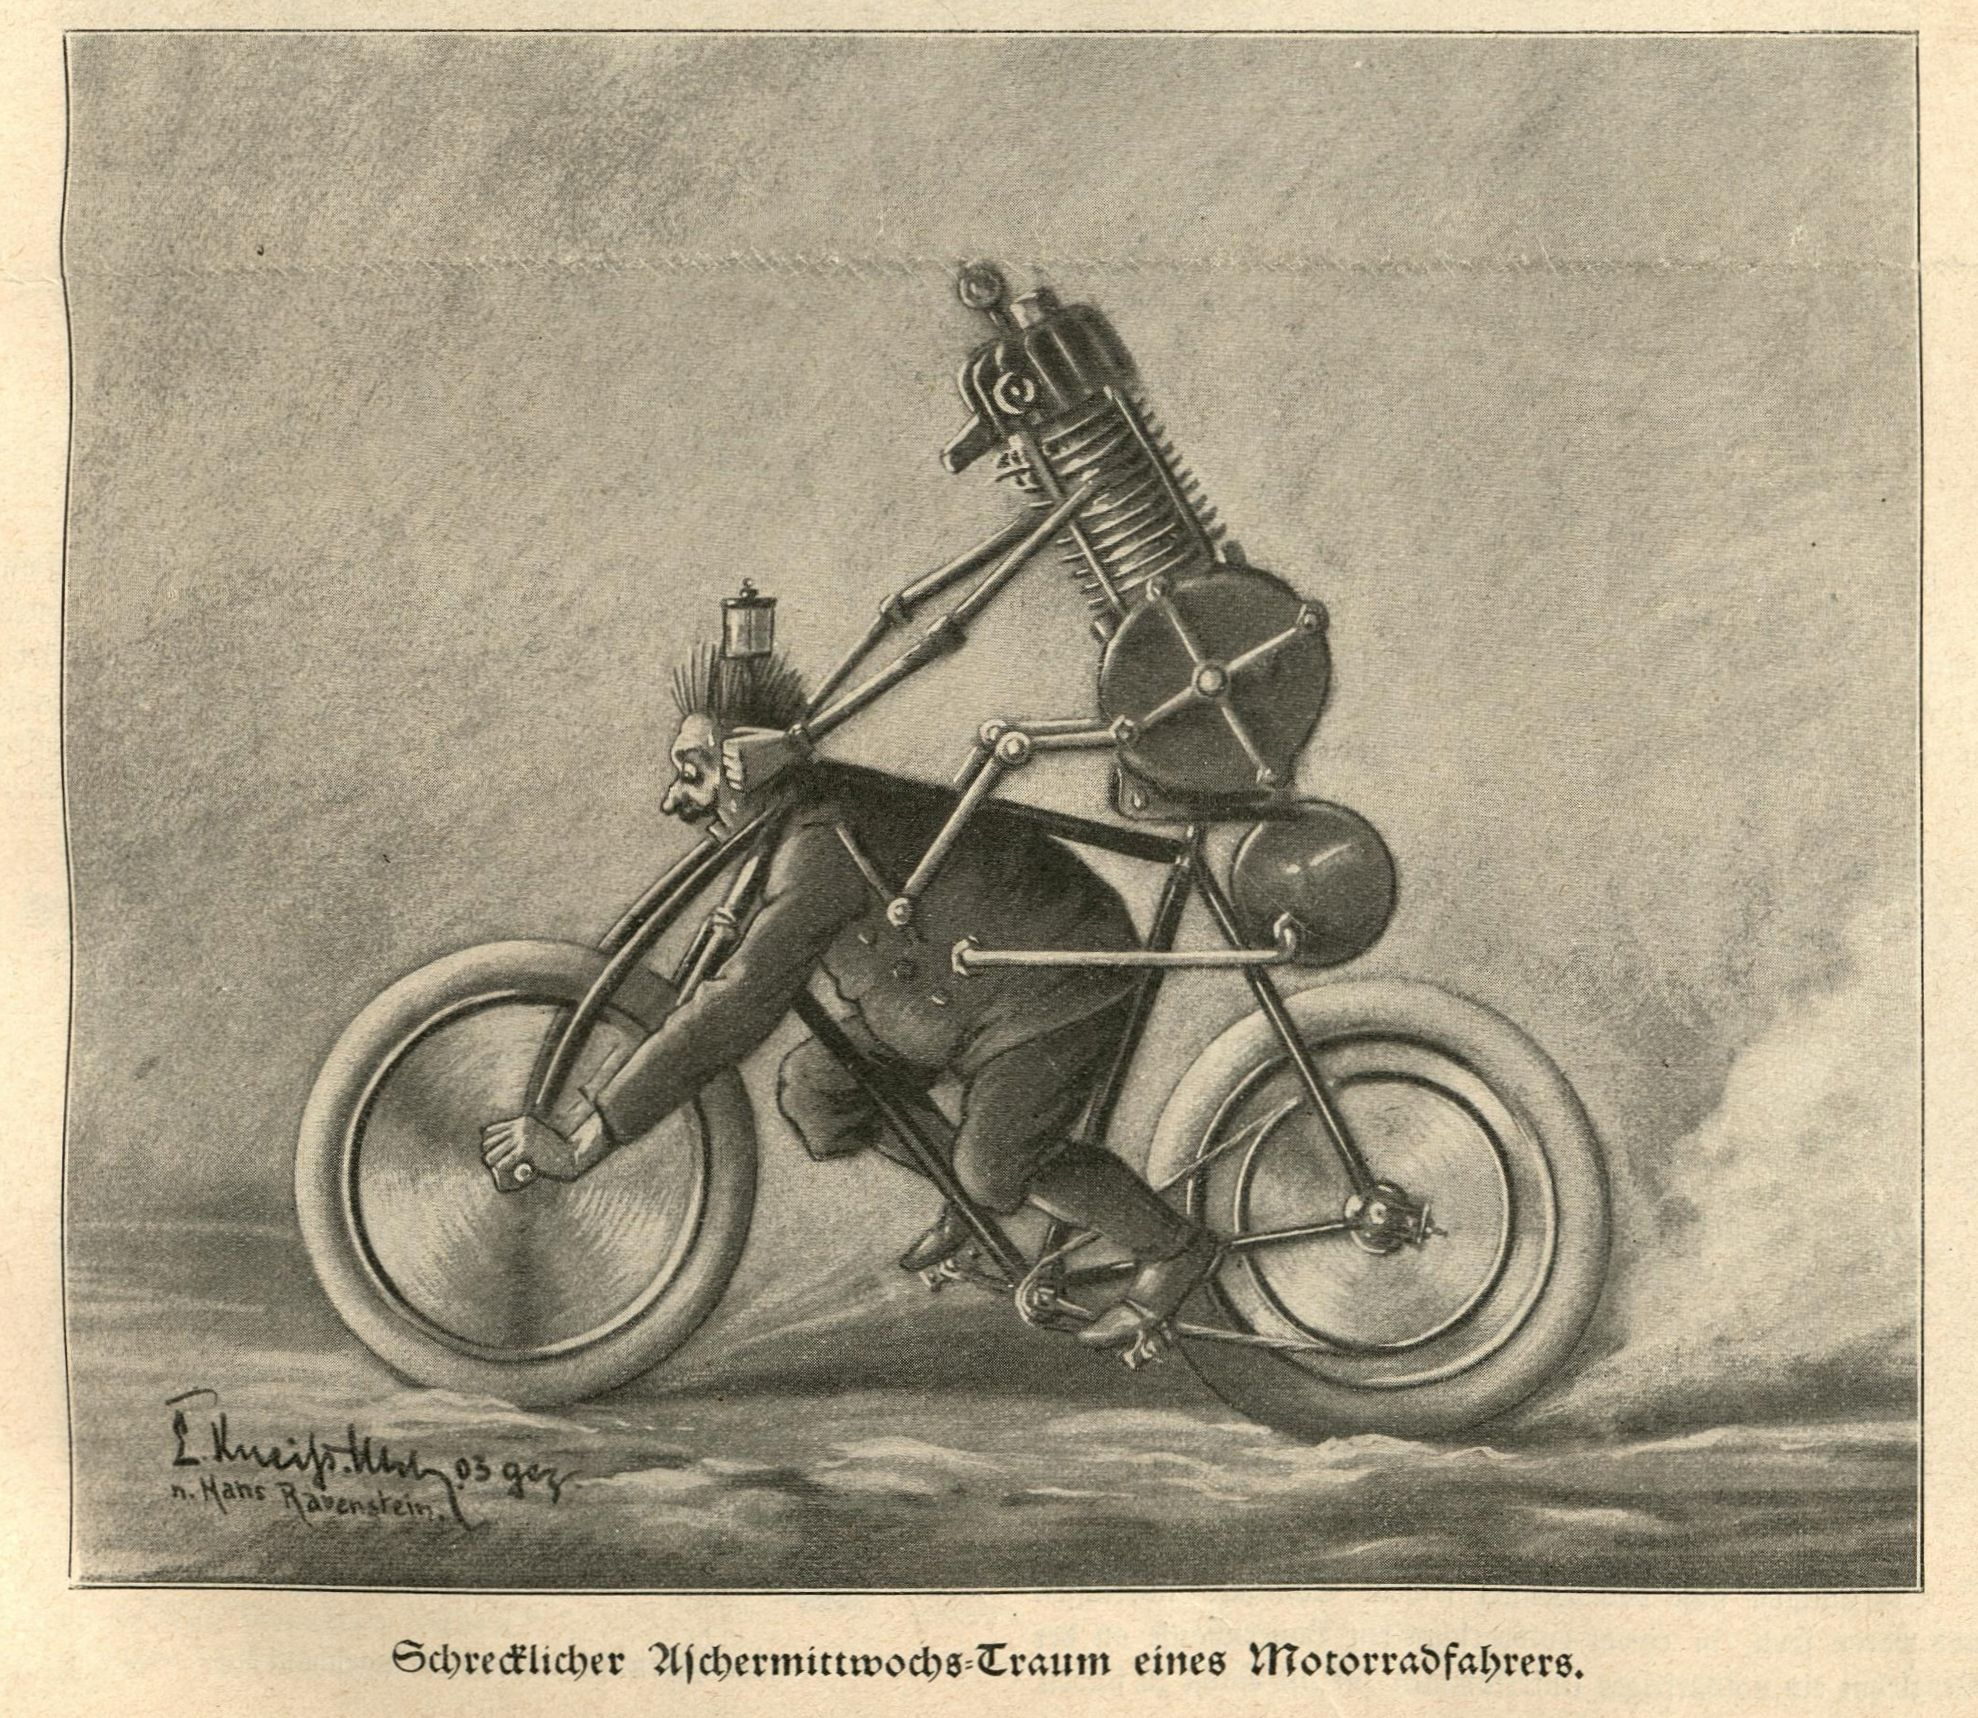 Schrecklicher Aschermittwochs-Traum eines Motorradfahrers